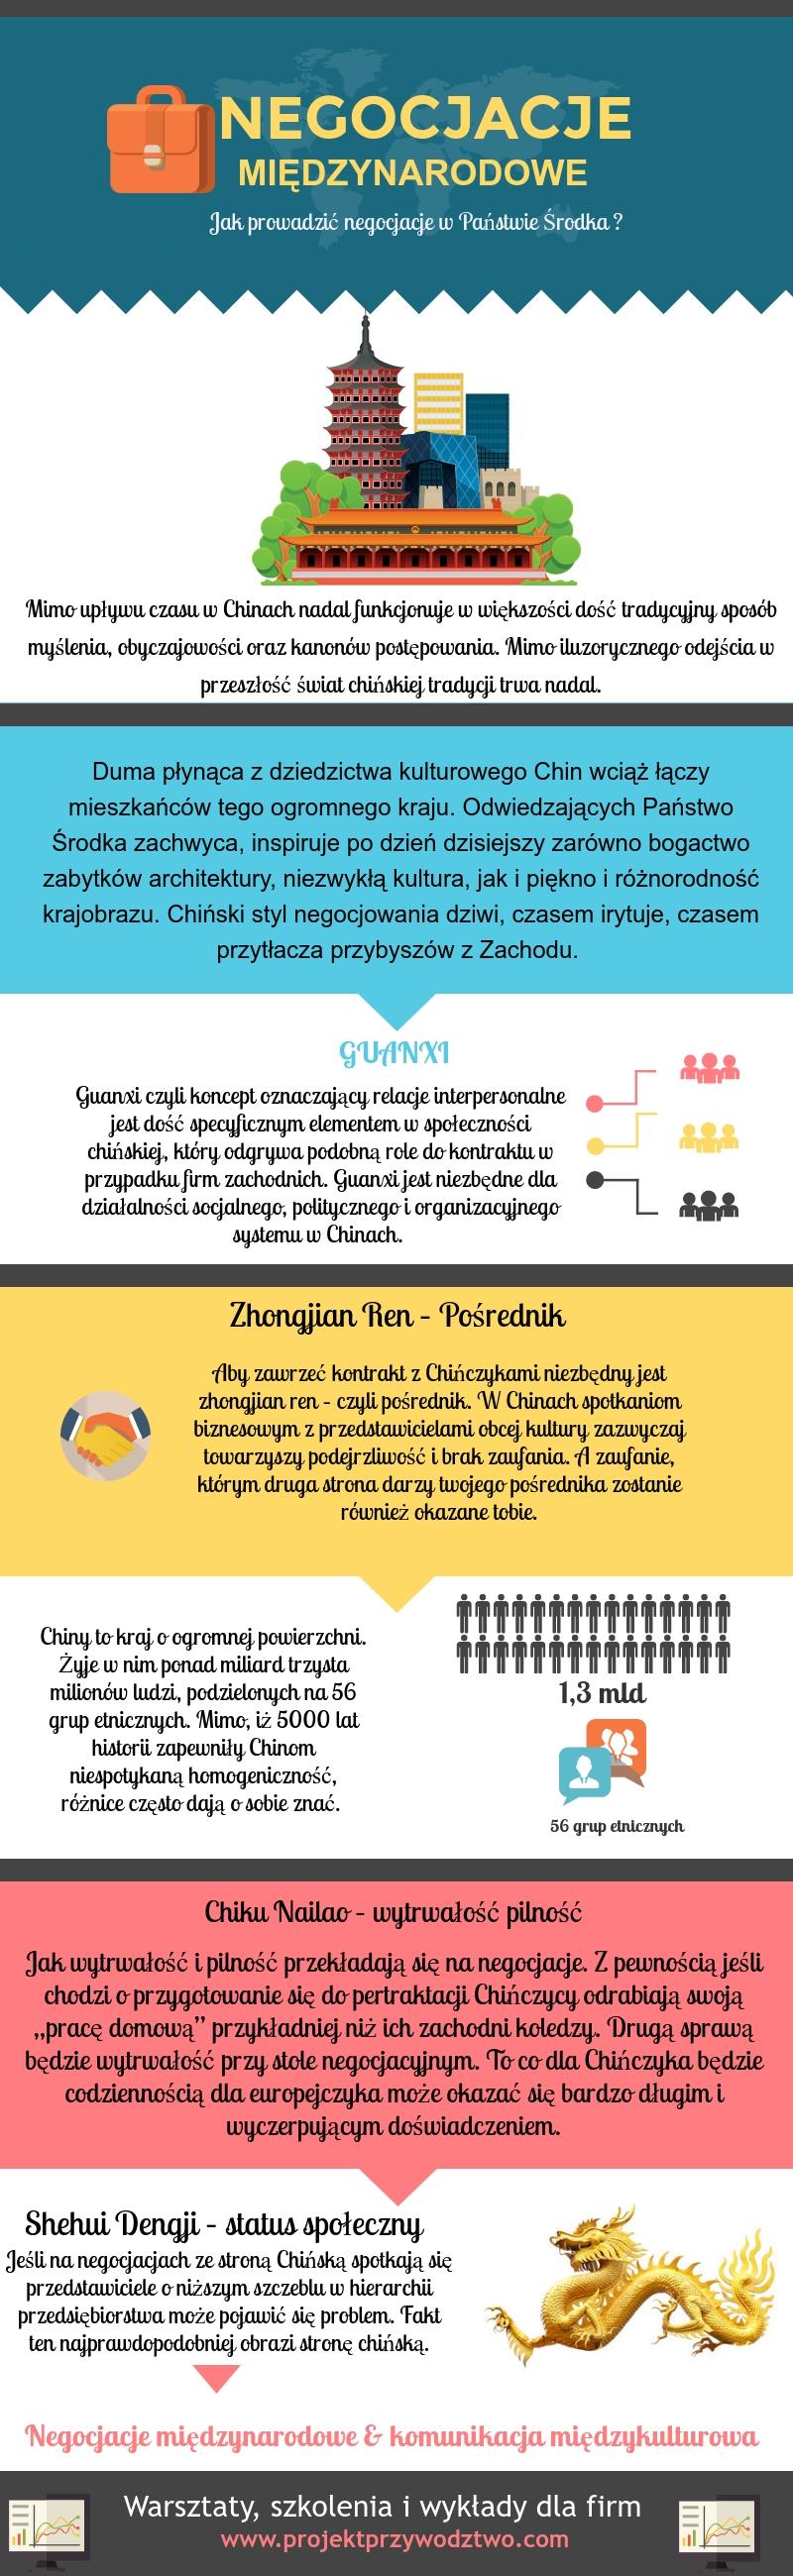 chinski styl negocjacji